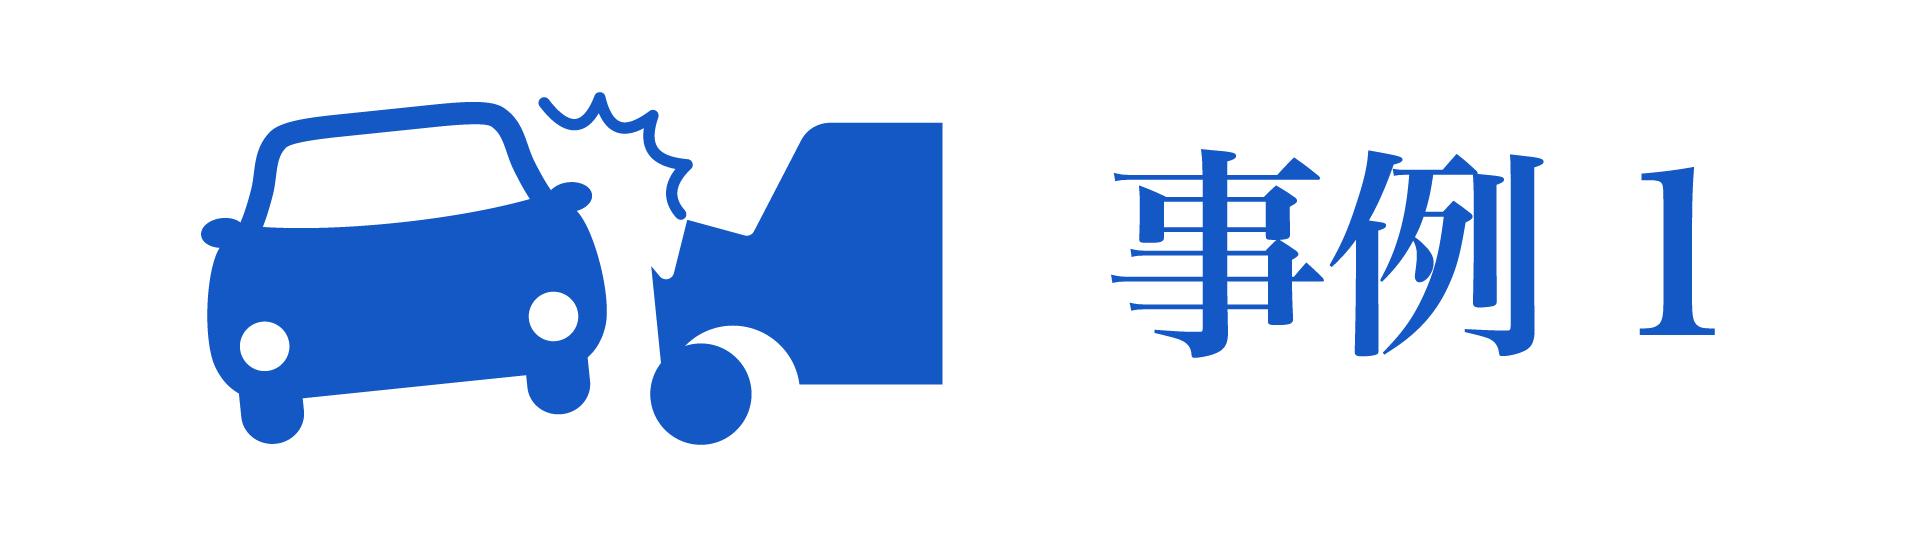 zirei1  1 - 交通事故治療について